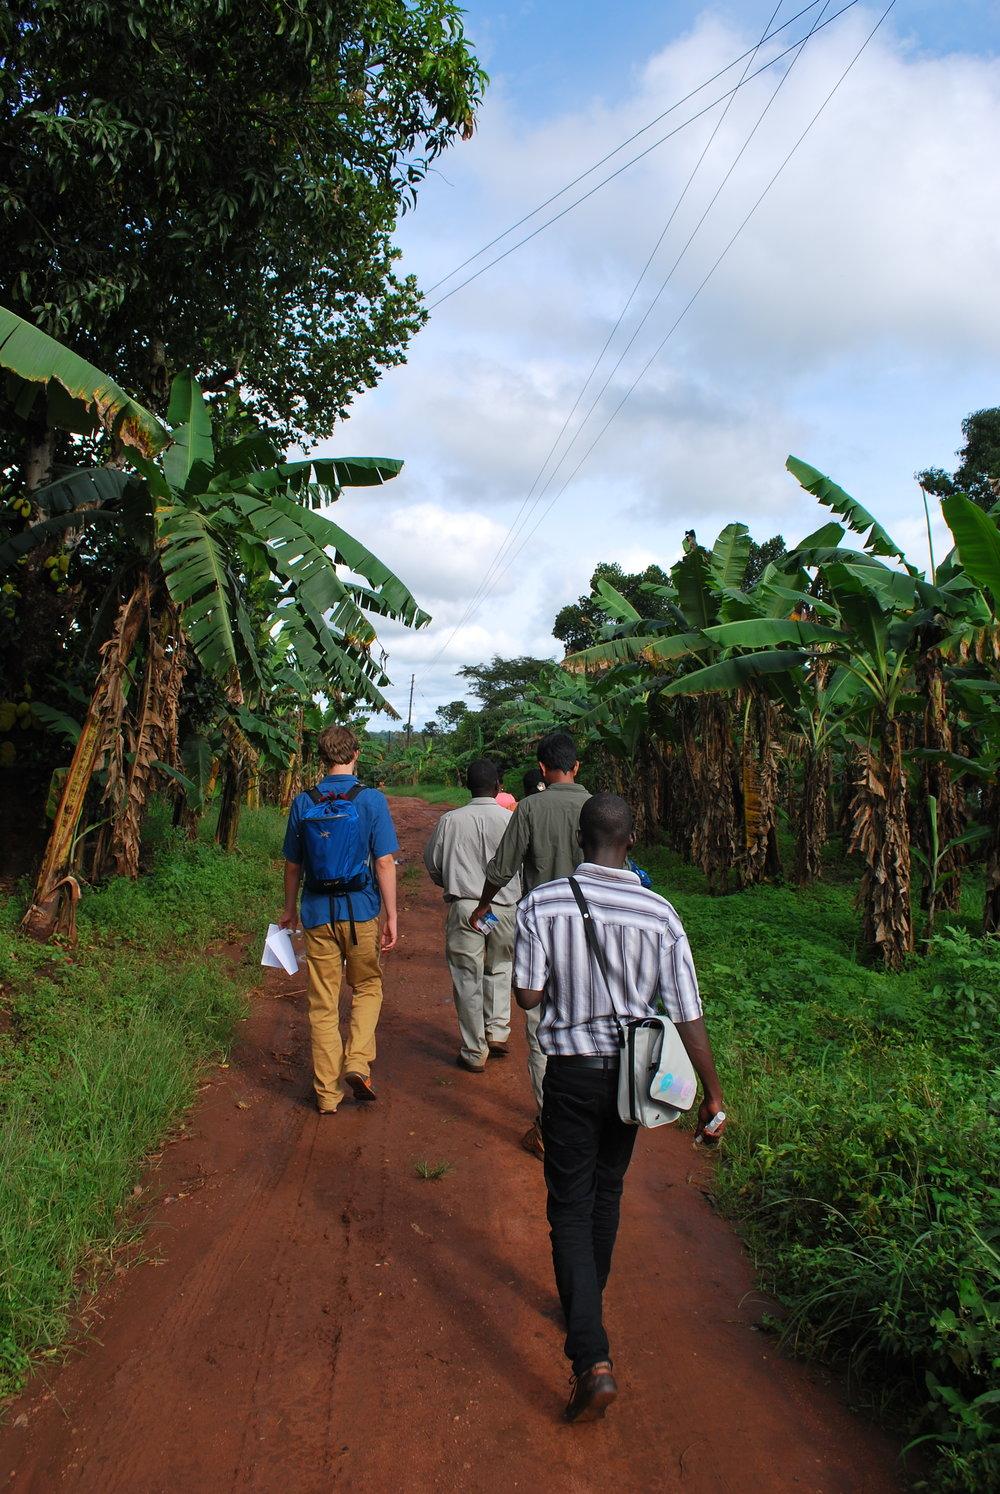 Walking through peri-urban Nakaseke to recruit research participants.